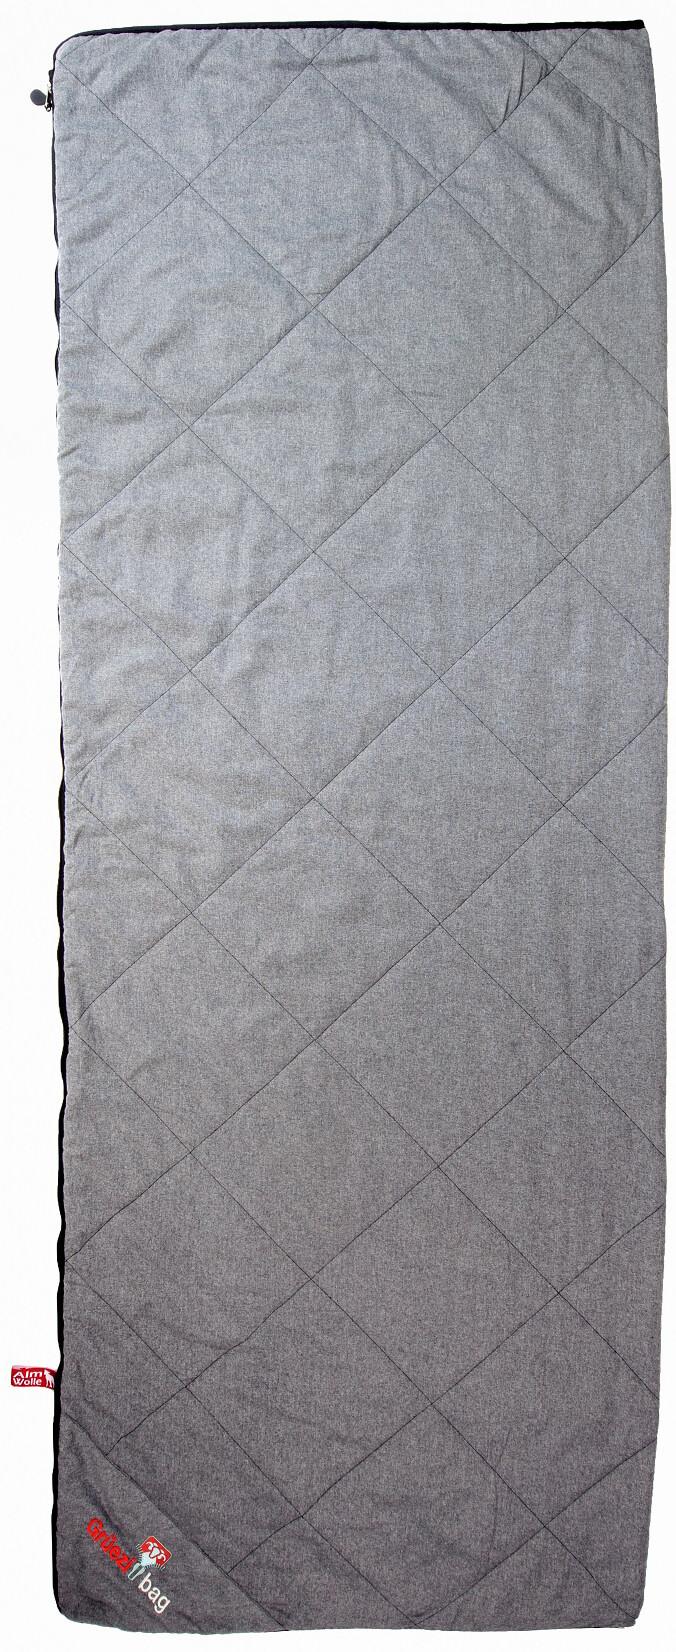 Grüezi-Bag WellhealthBlanket Wool Sovepose, grey melange | Transport og opbevaring > Tilbehør